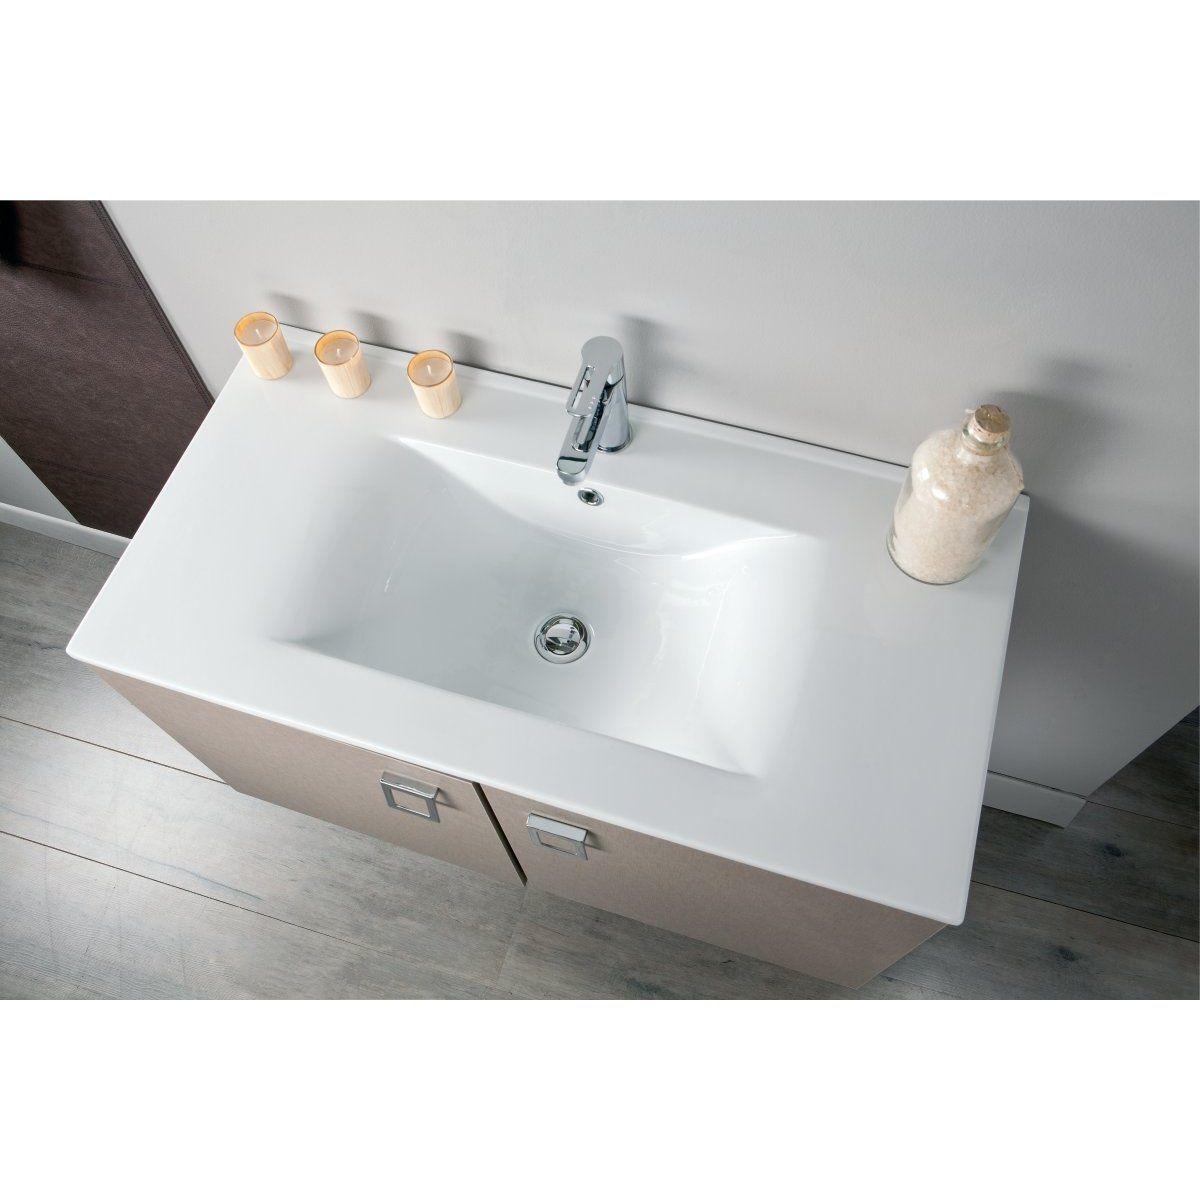 Plan céramique 1 vasque SEDUCTA, 90 cm, blanc Réf 813877 - ALTERNA - null